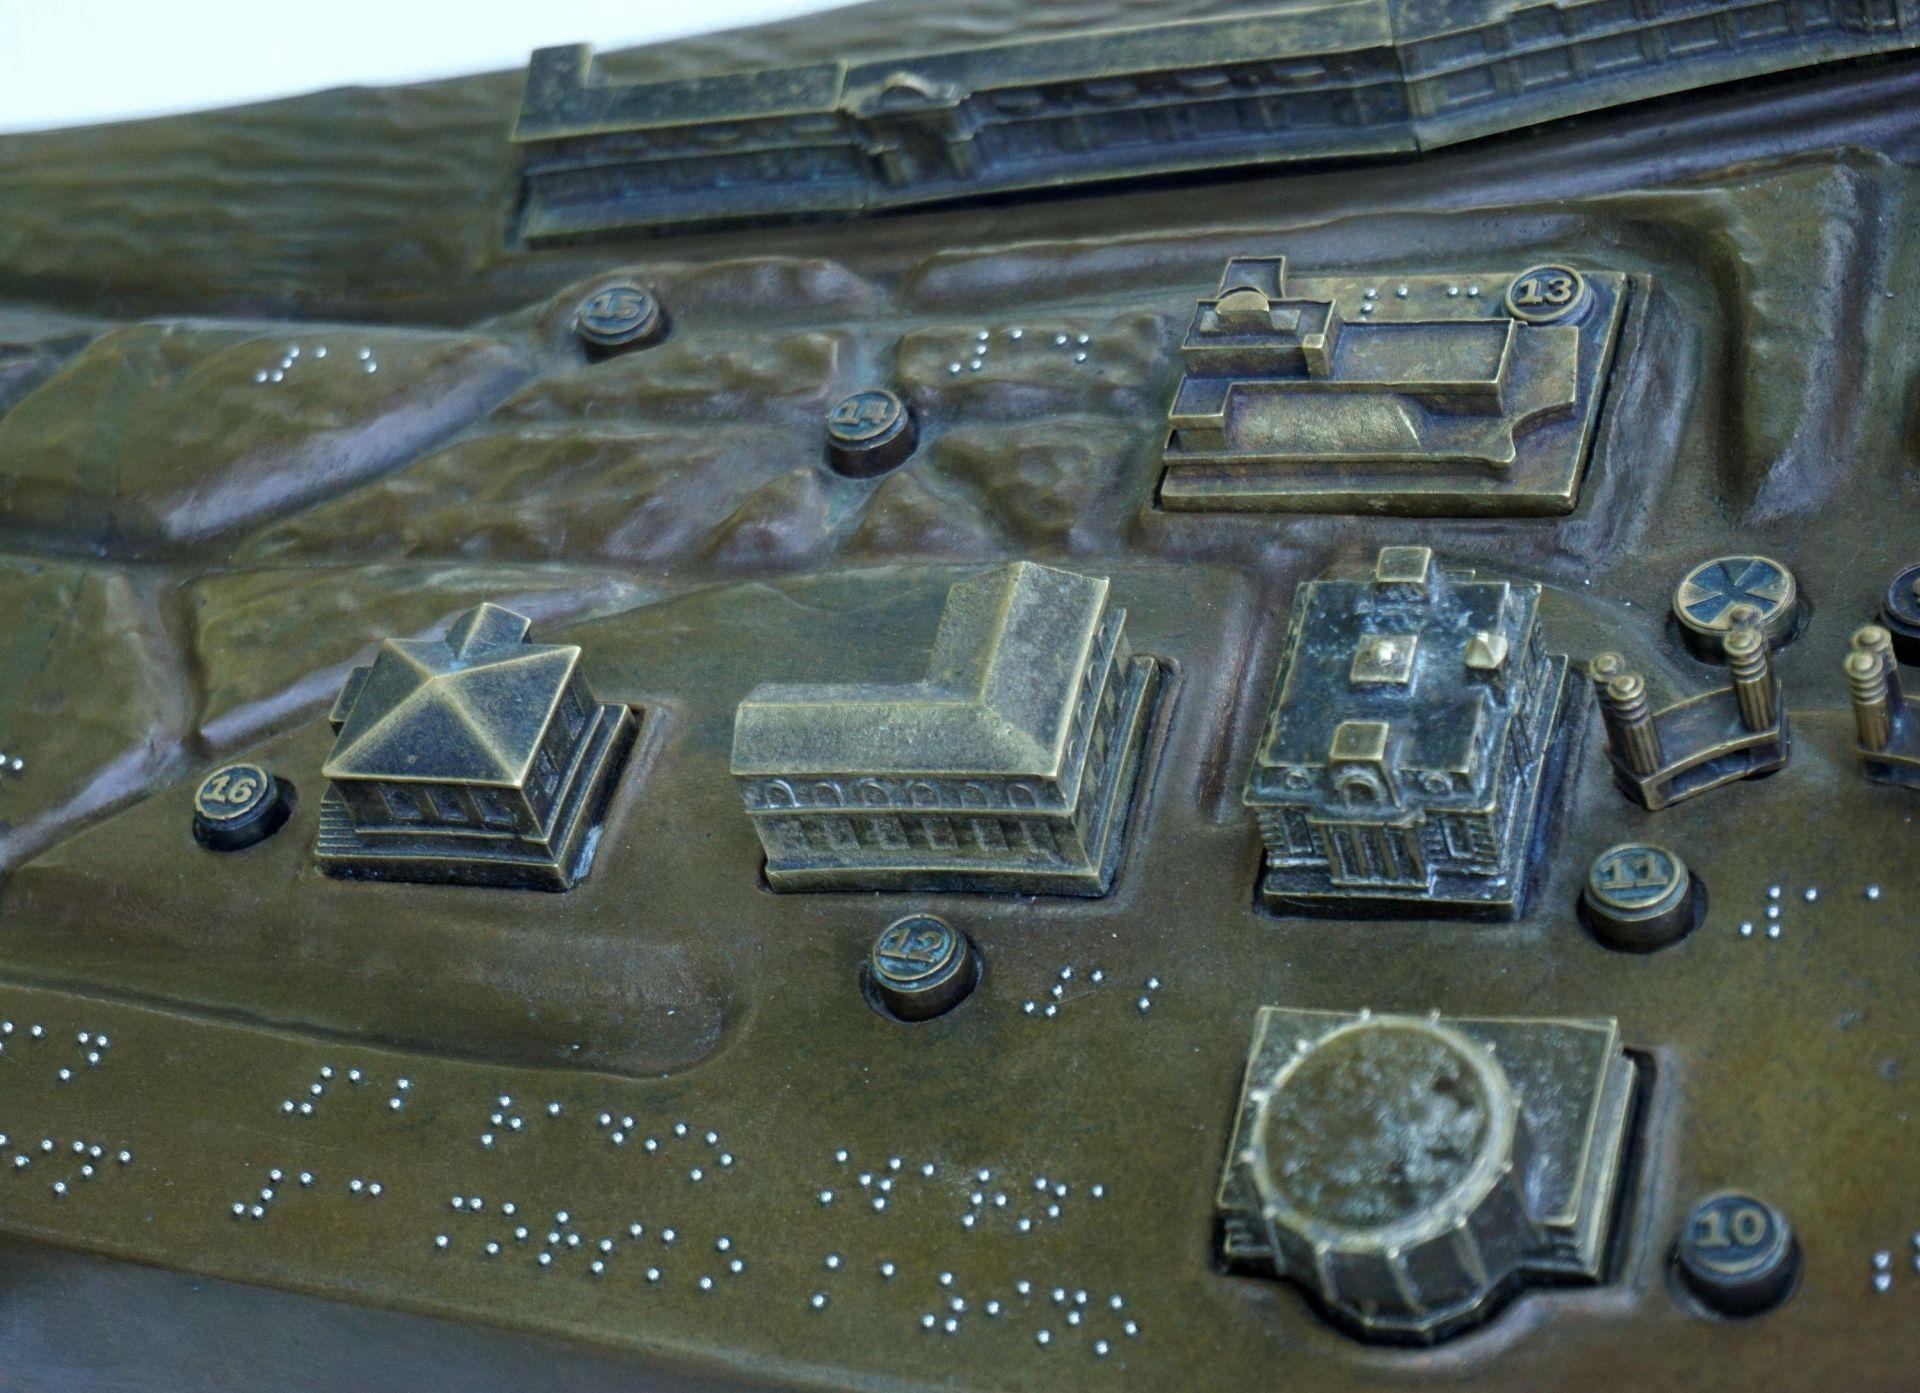 Бронзовата рефелна карта се намира до Слънчевия часовник в Морската градина